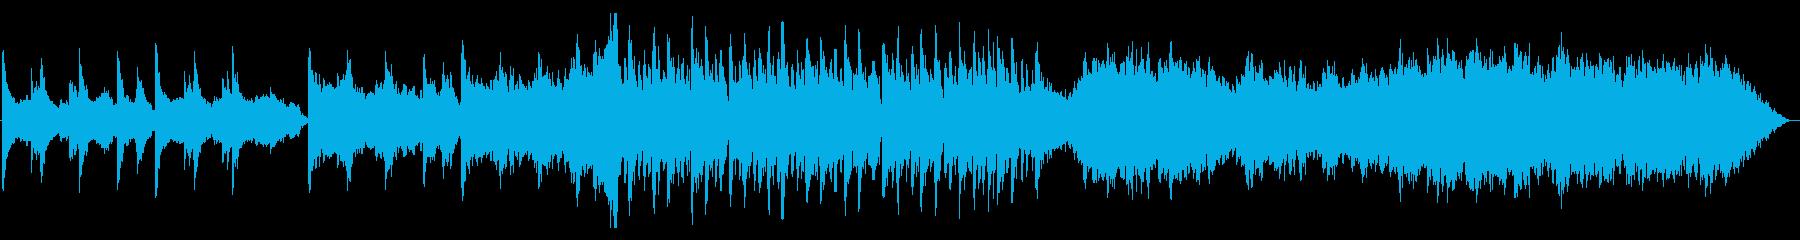 切ない→ワクワク→優しい3段階変化曲の再生済みの波形